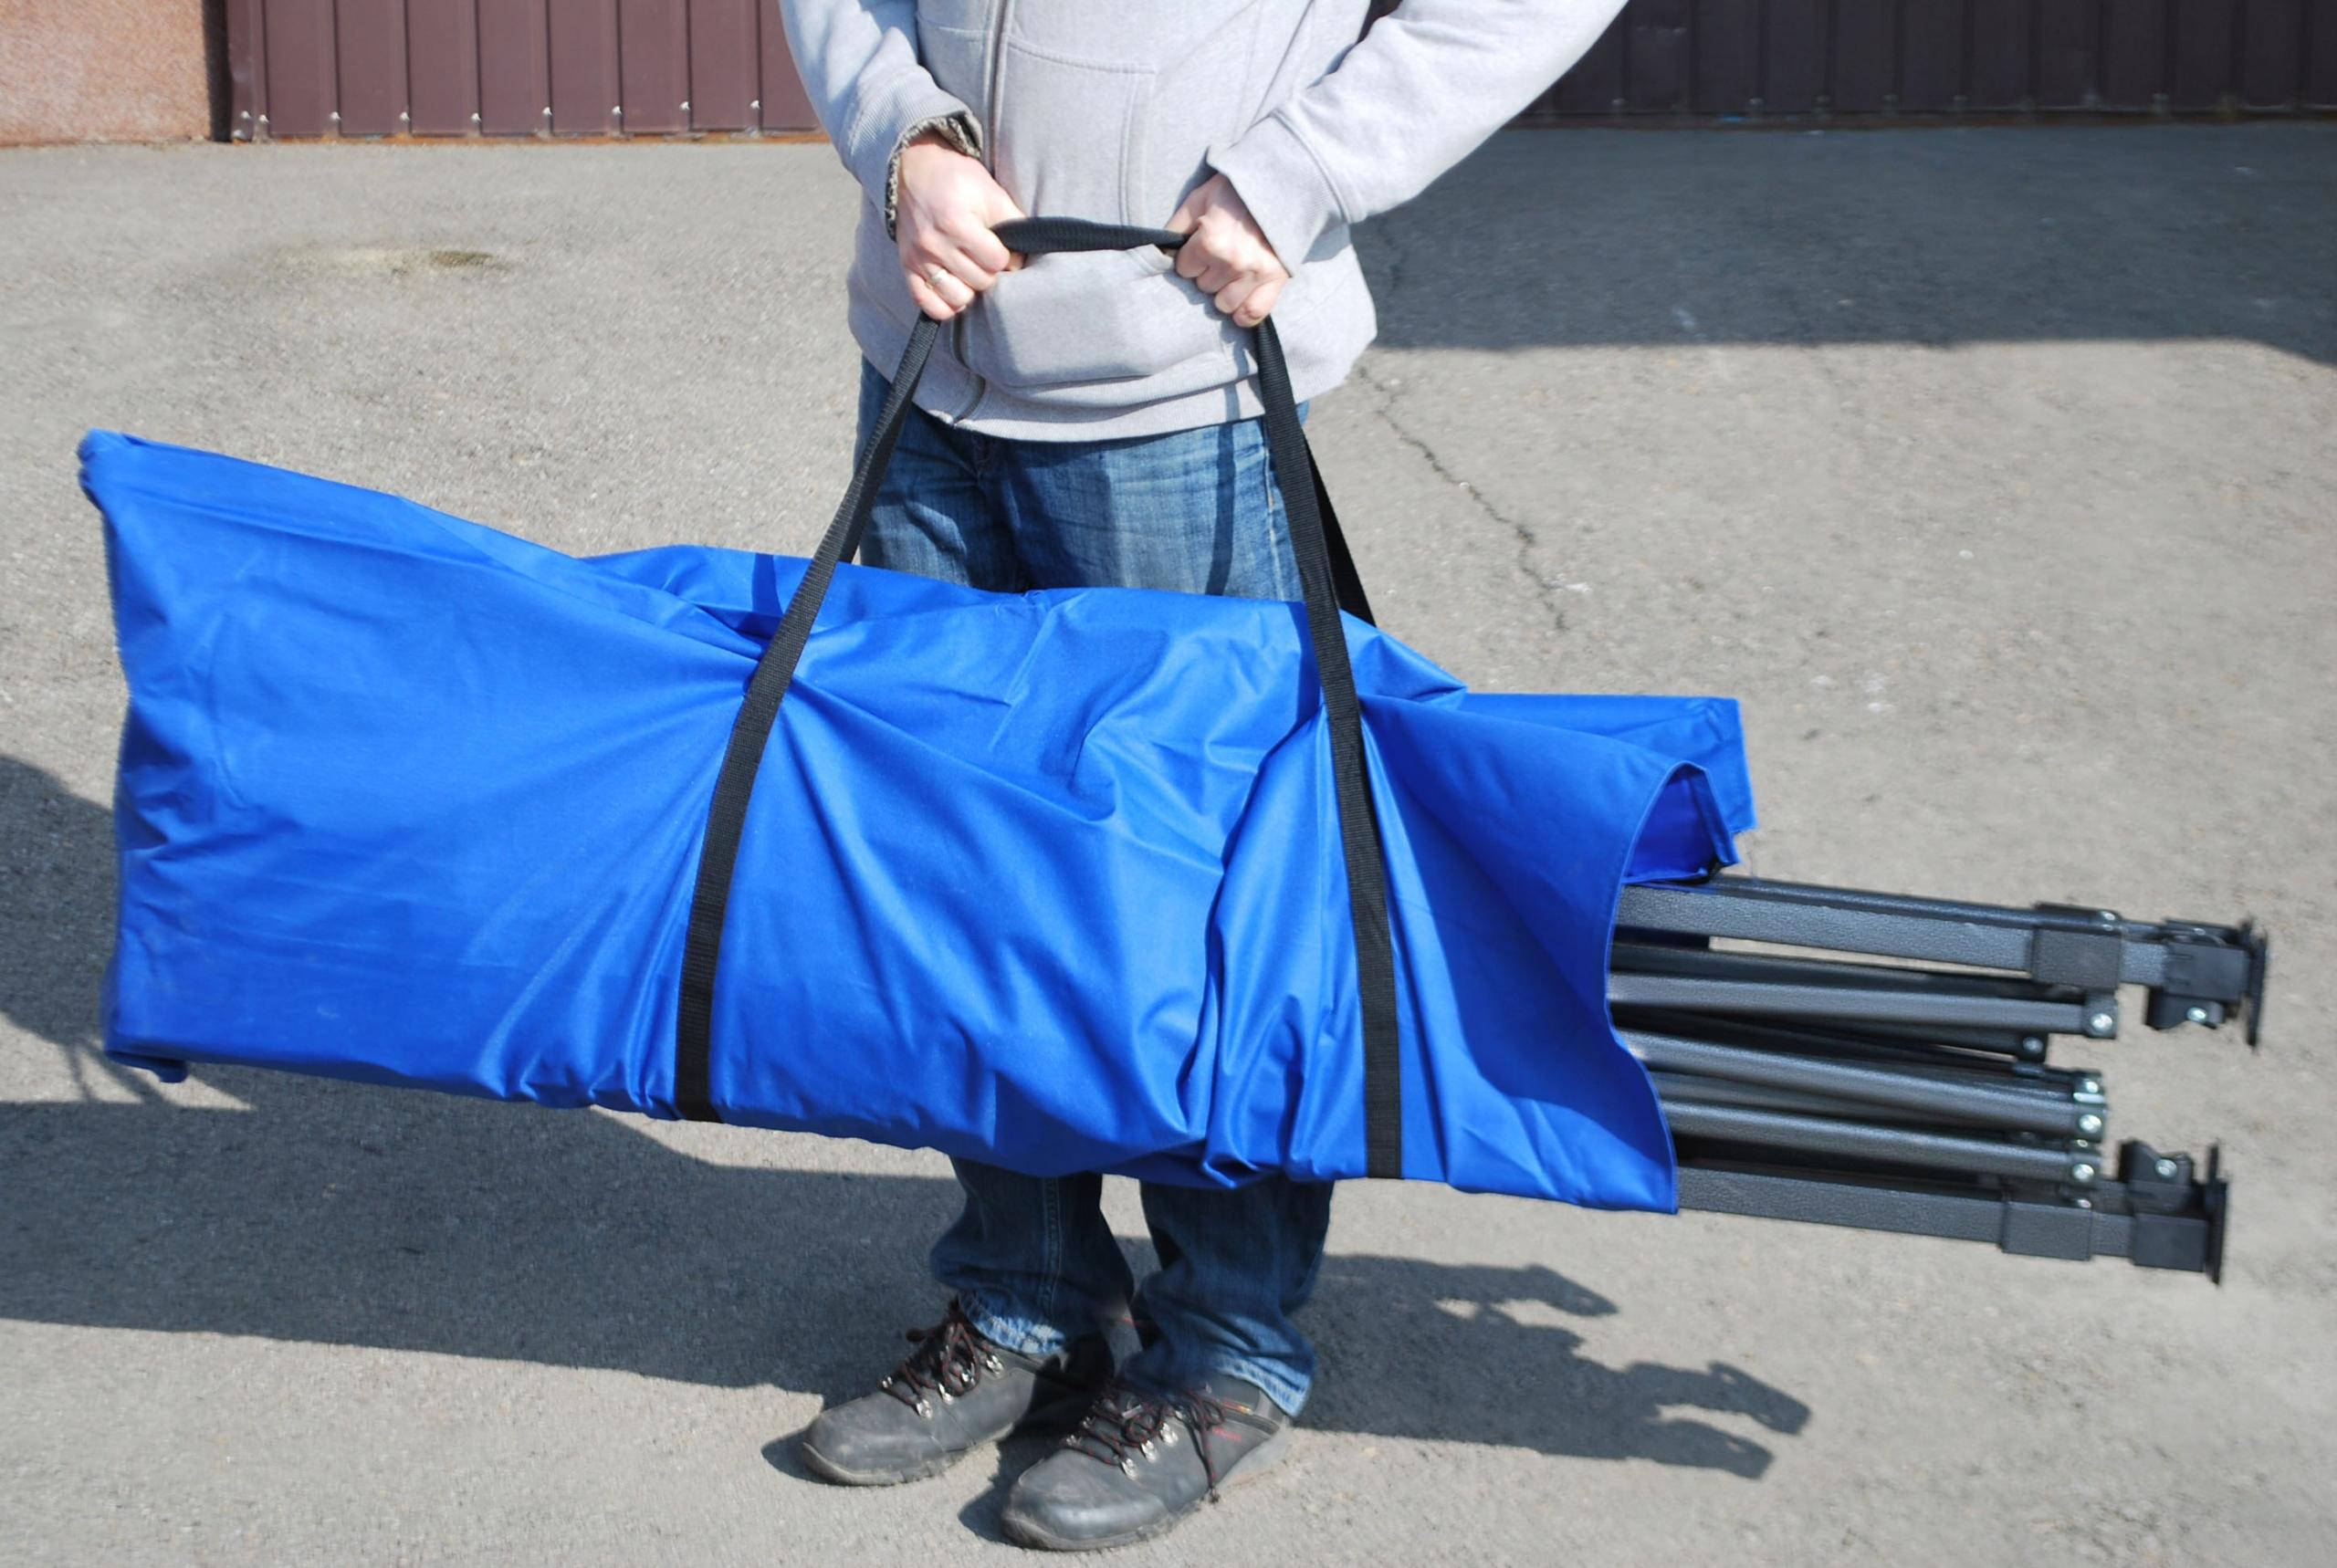 3x3 Толстый чехол-палатка садовый коммерческий